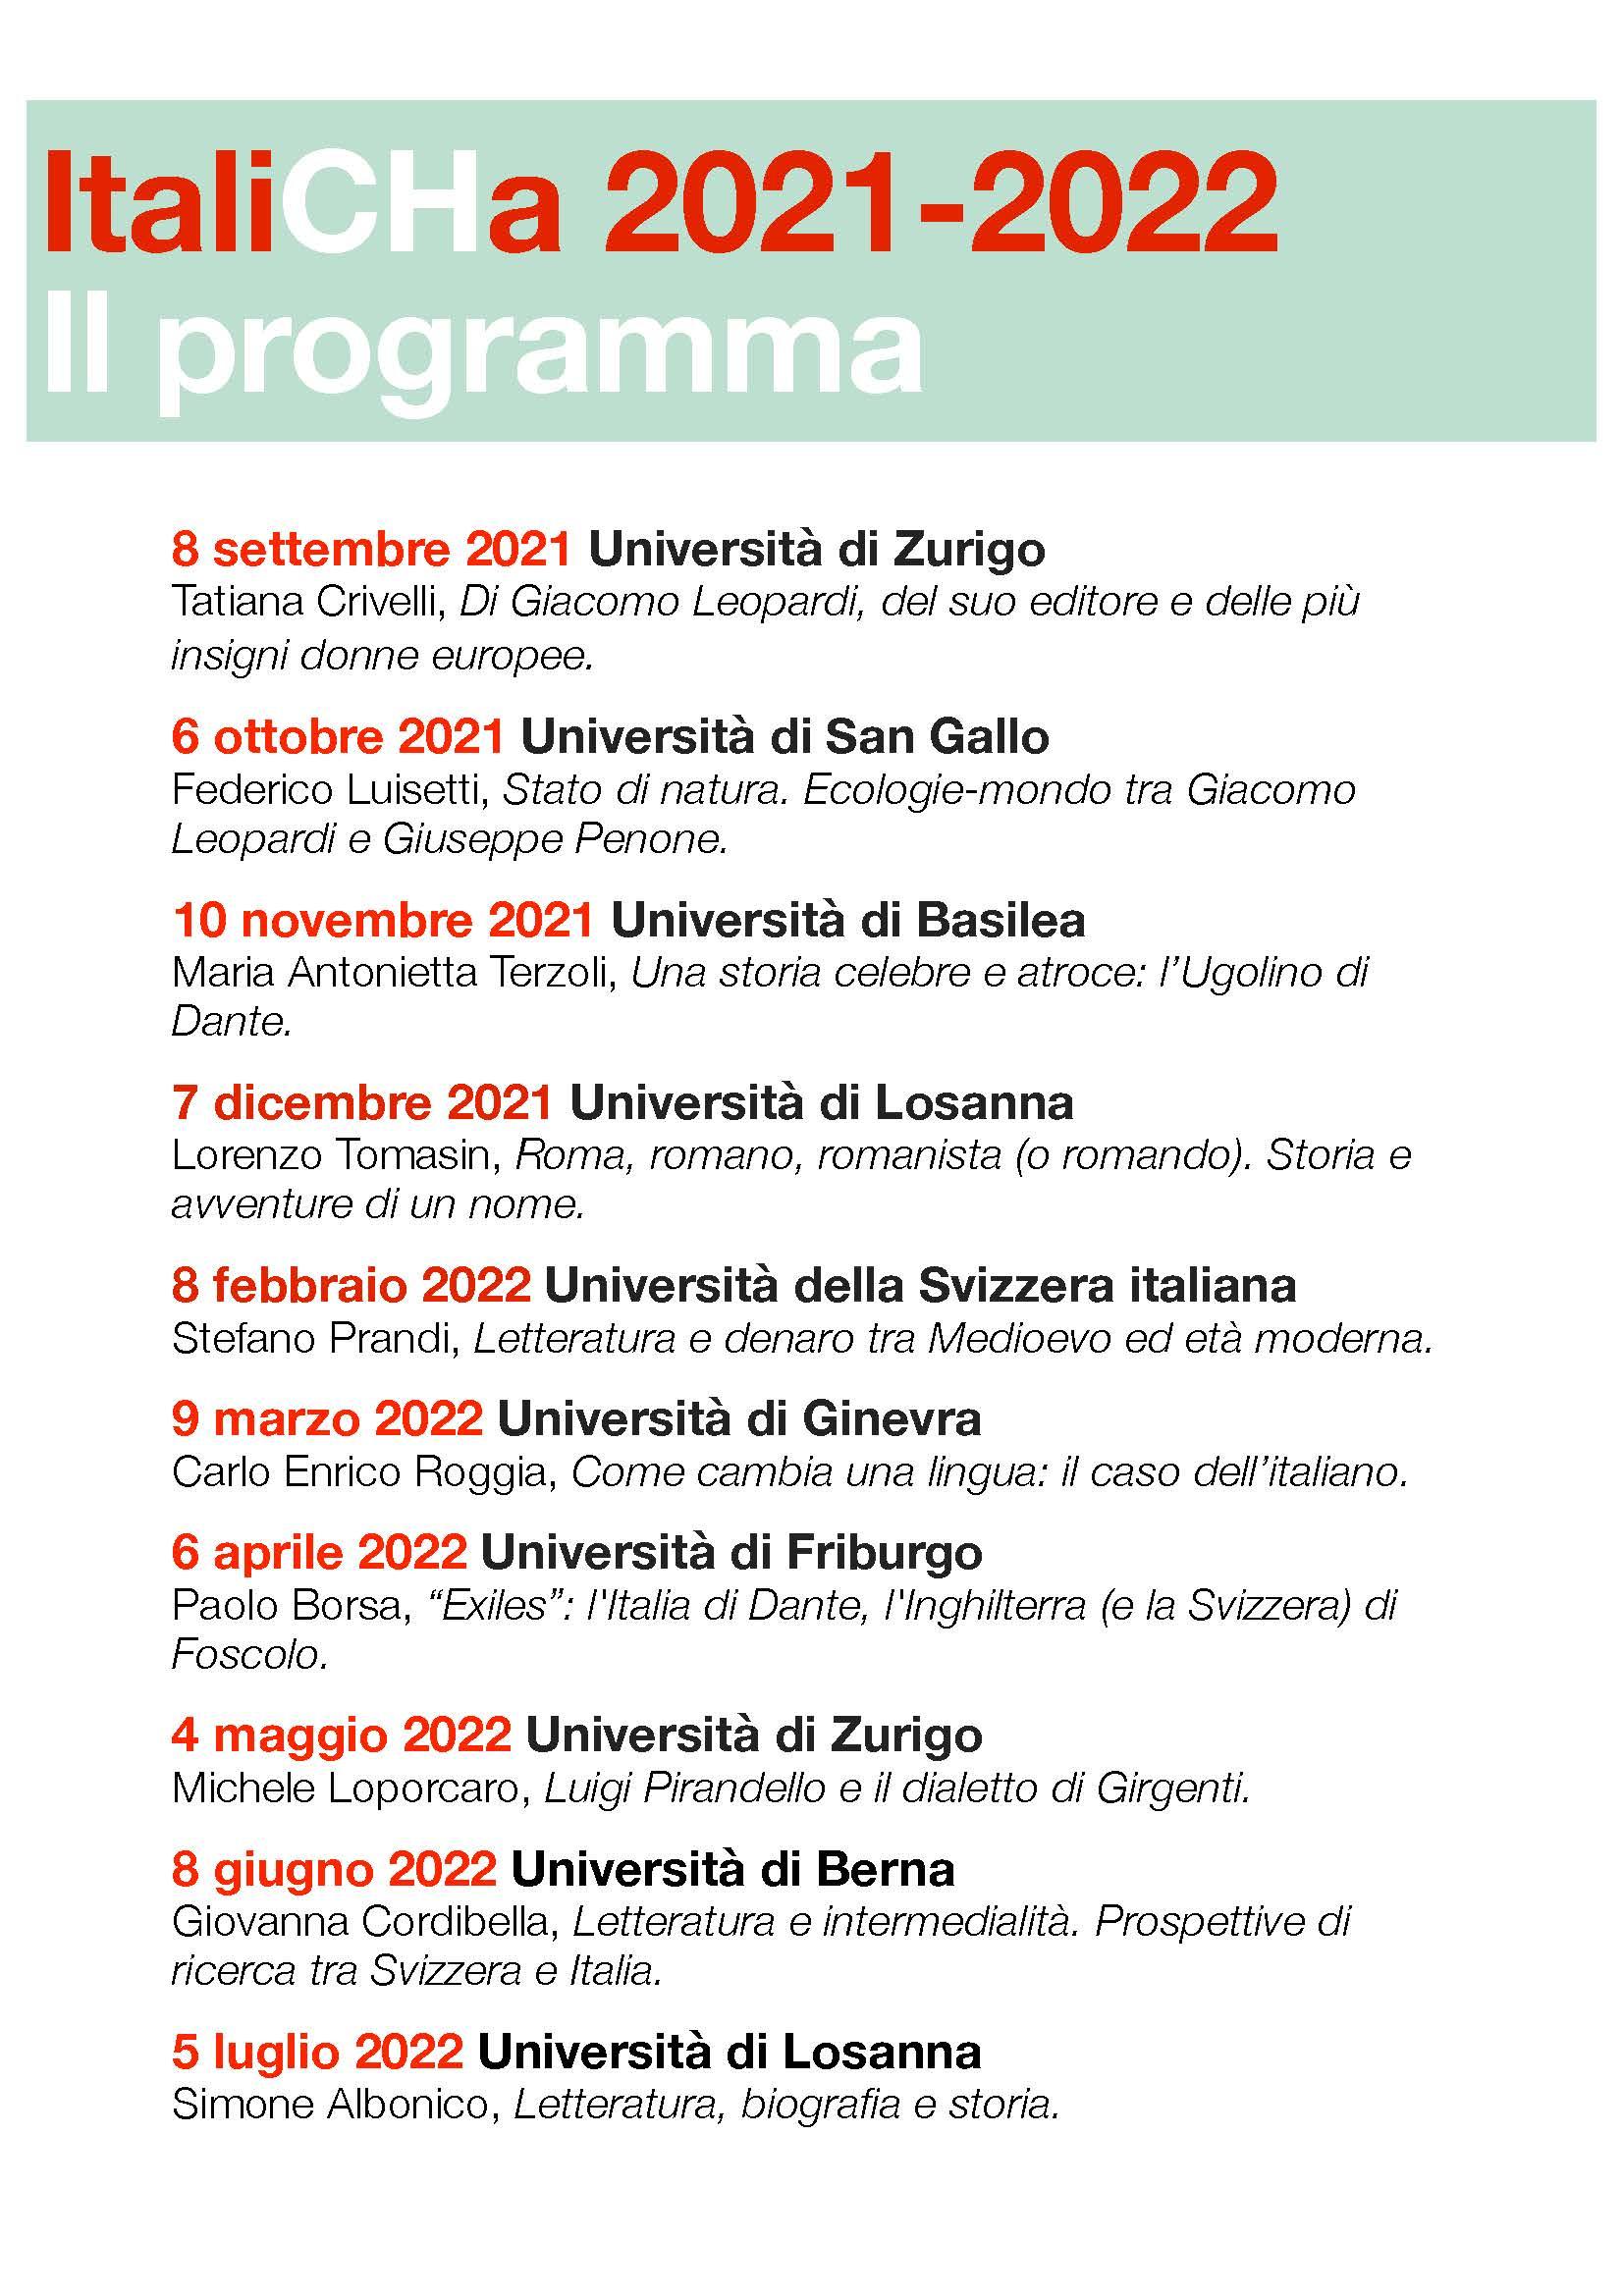 letture pubbliche 21/22 programma